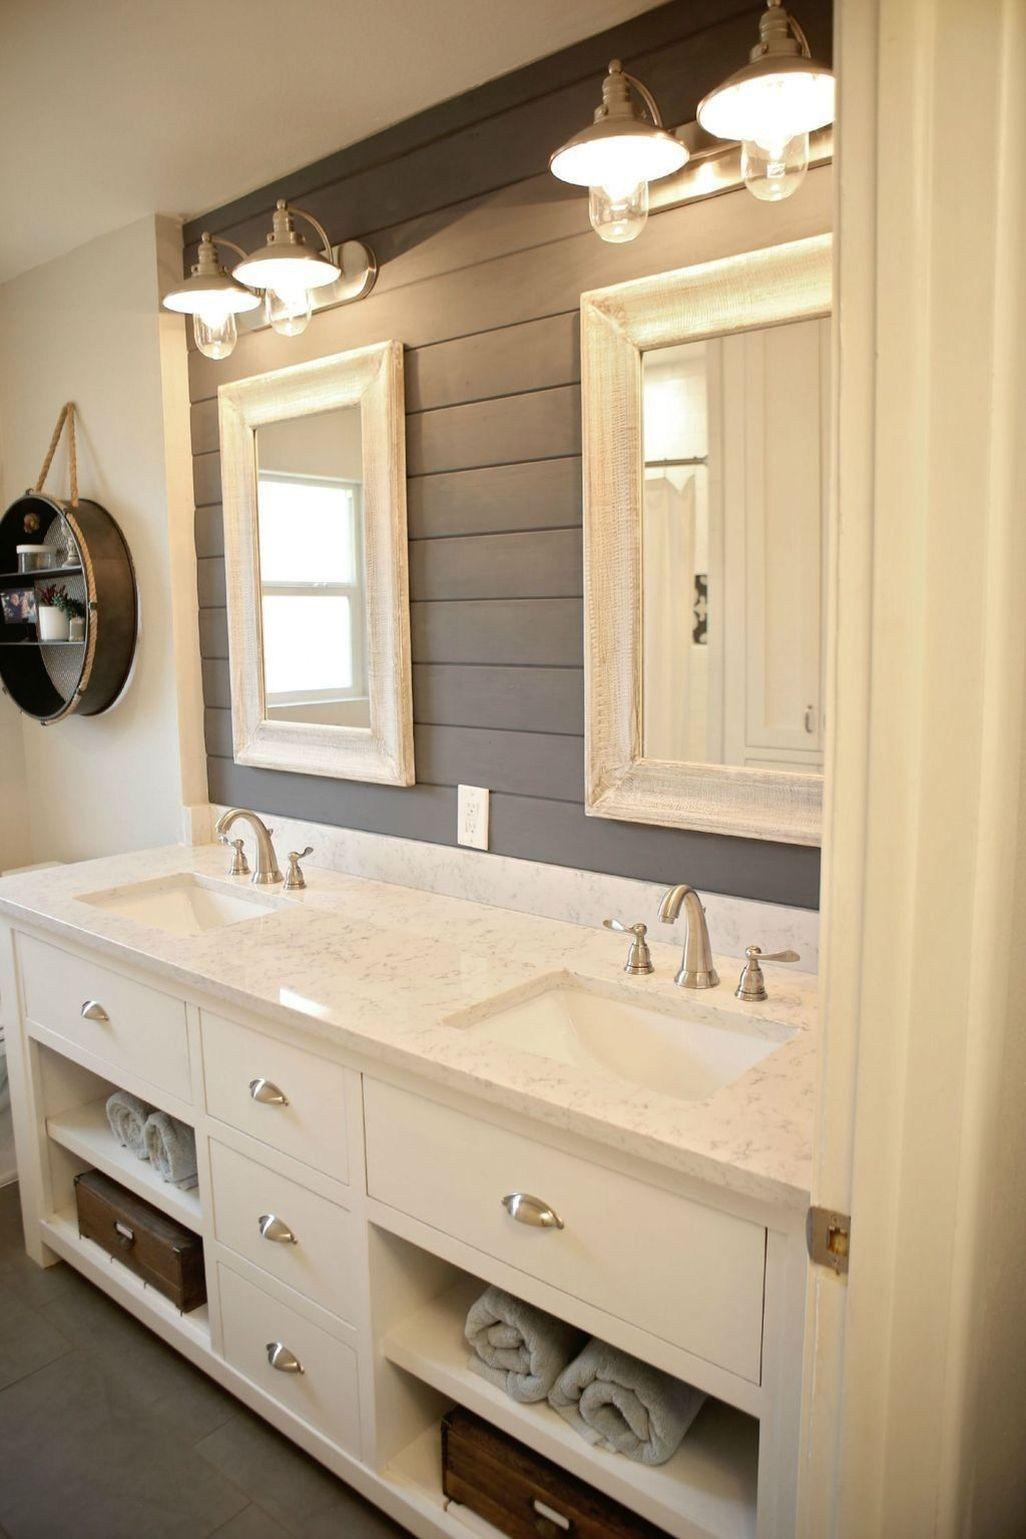 modern small bathroom remodel design ideas 27 house on bathroom renovation ideas modern id=72723